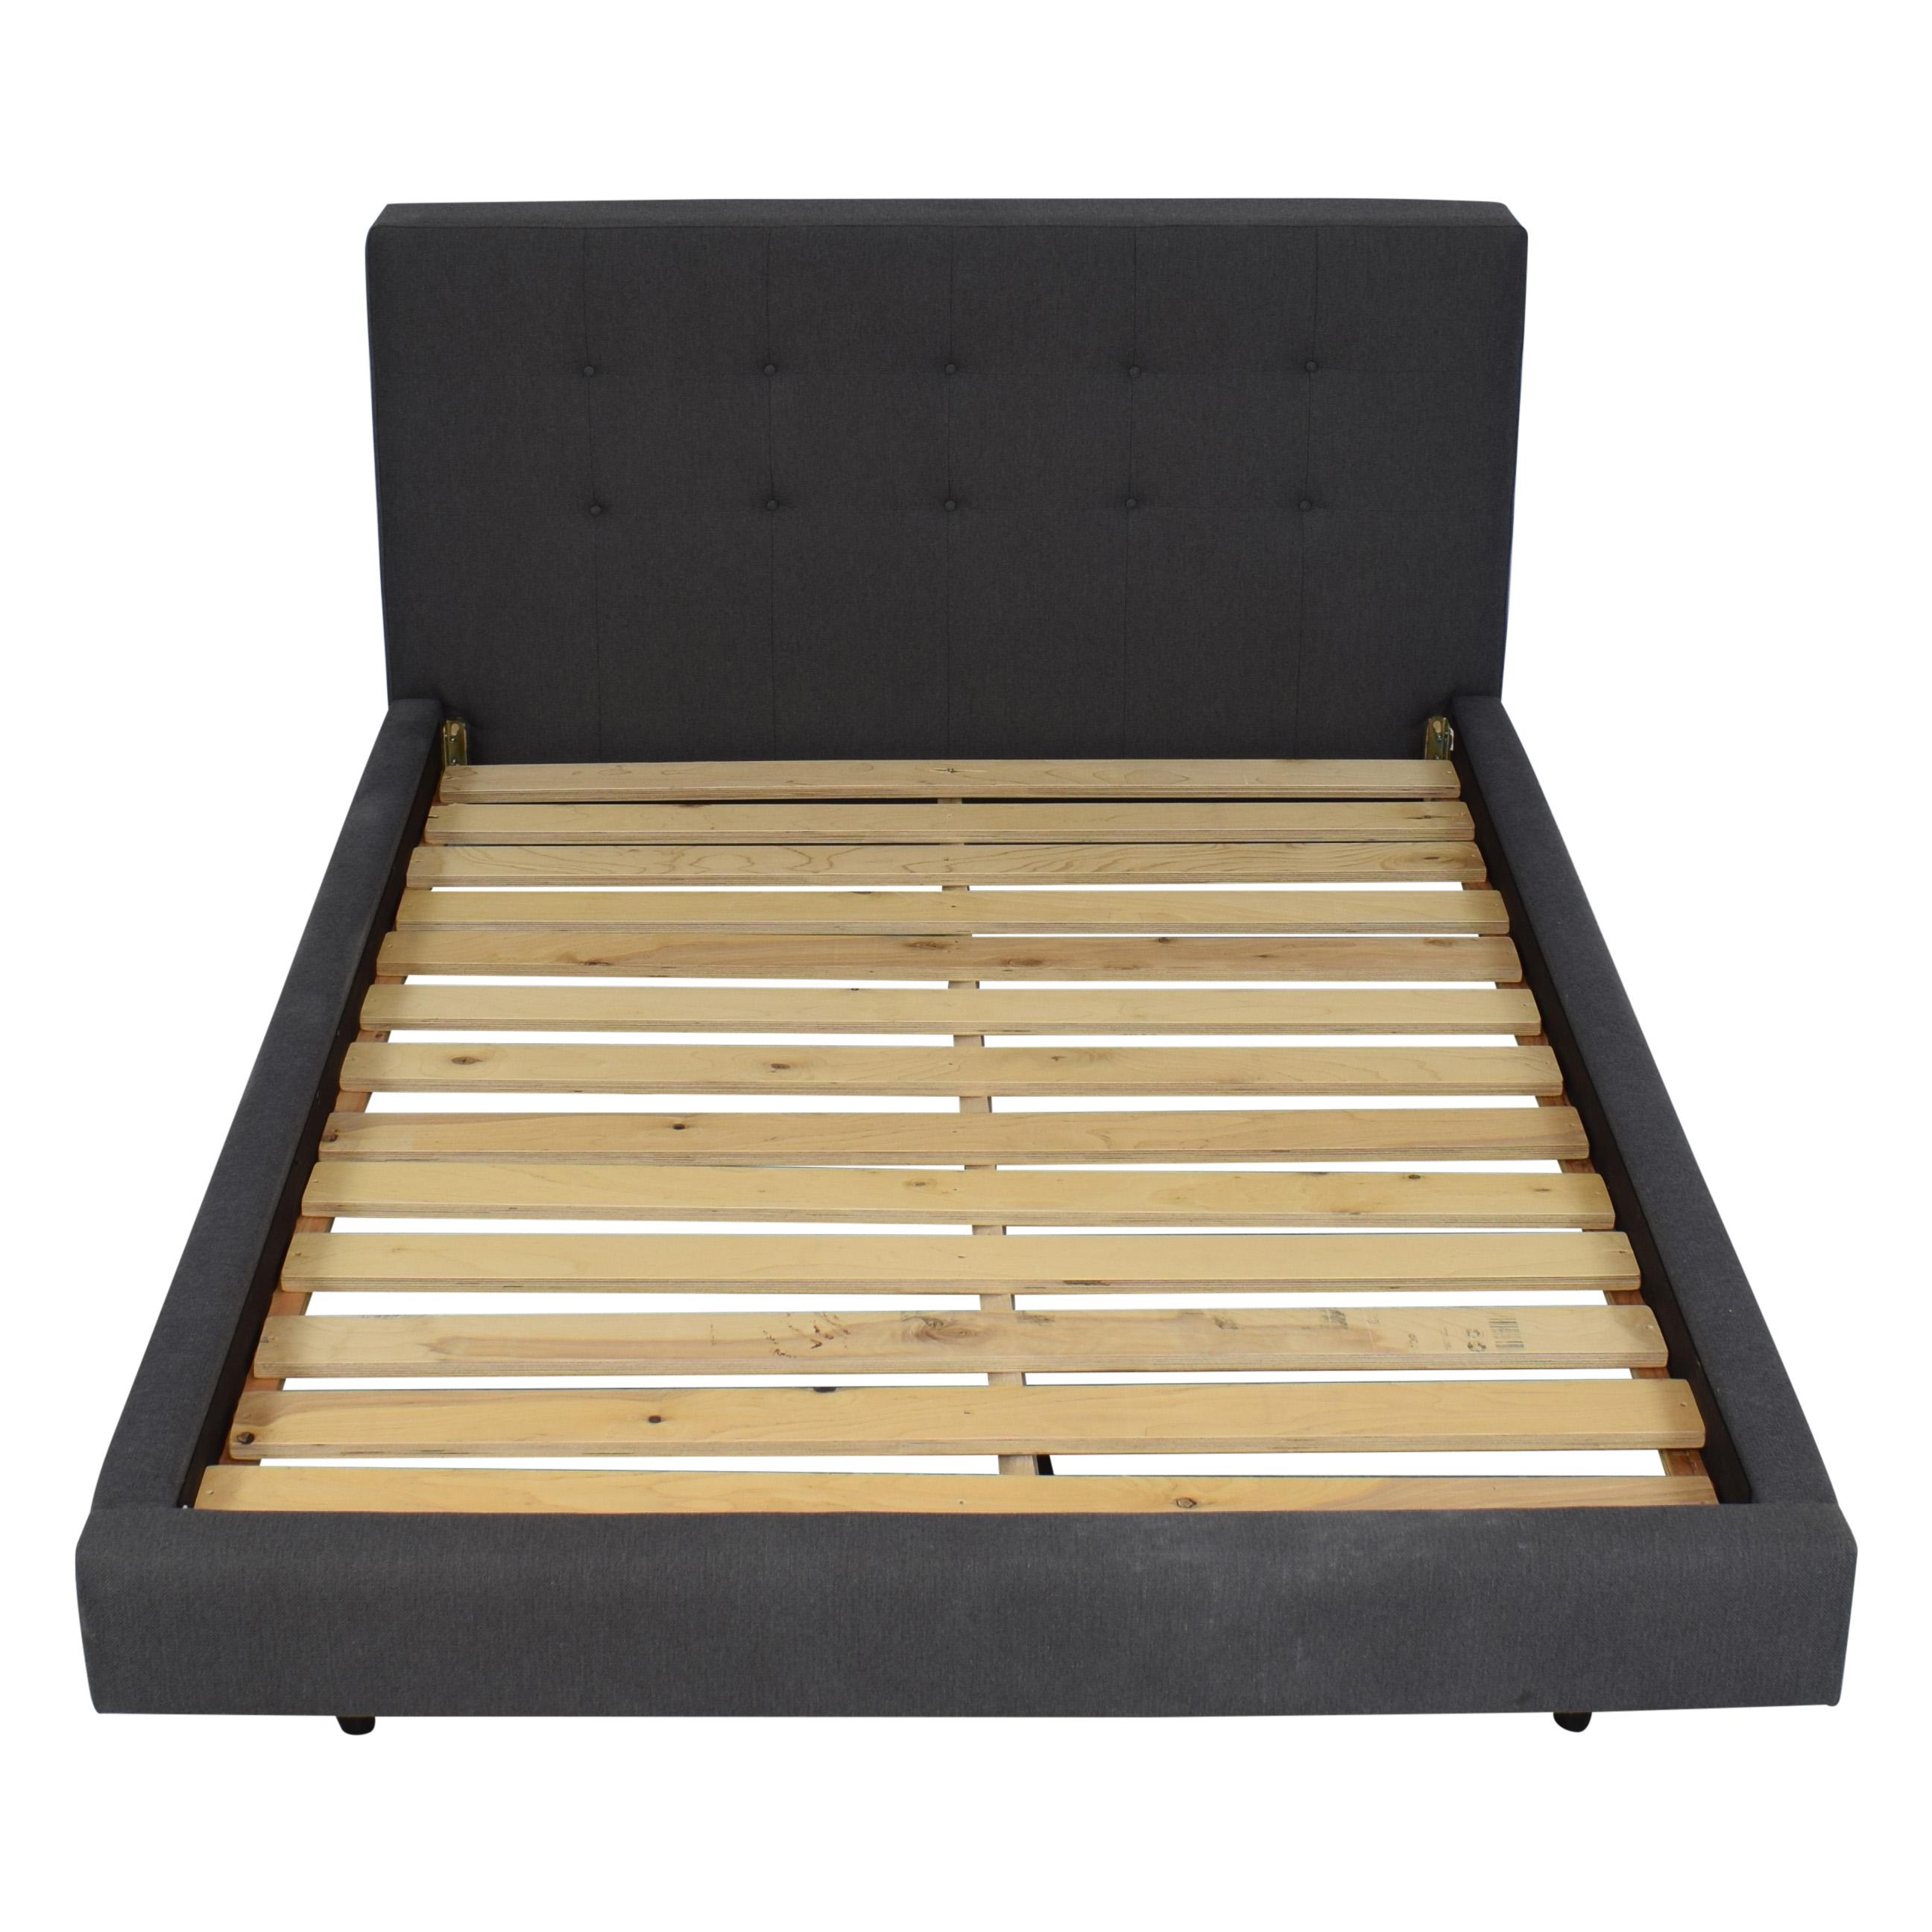 shop Crate & Barrel Tate Full Upholstered Bed Crate & Barrel Bed Frames